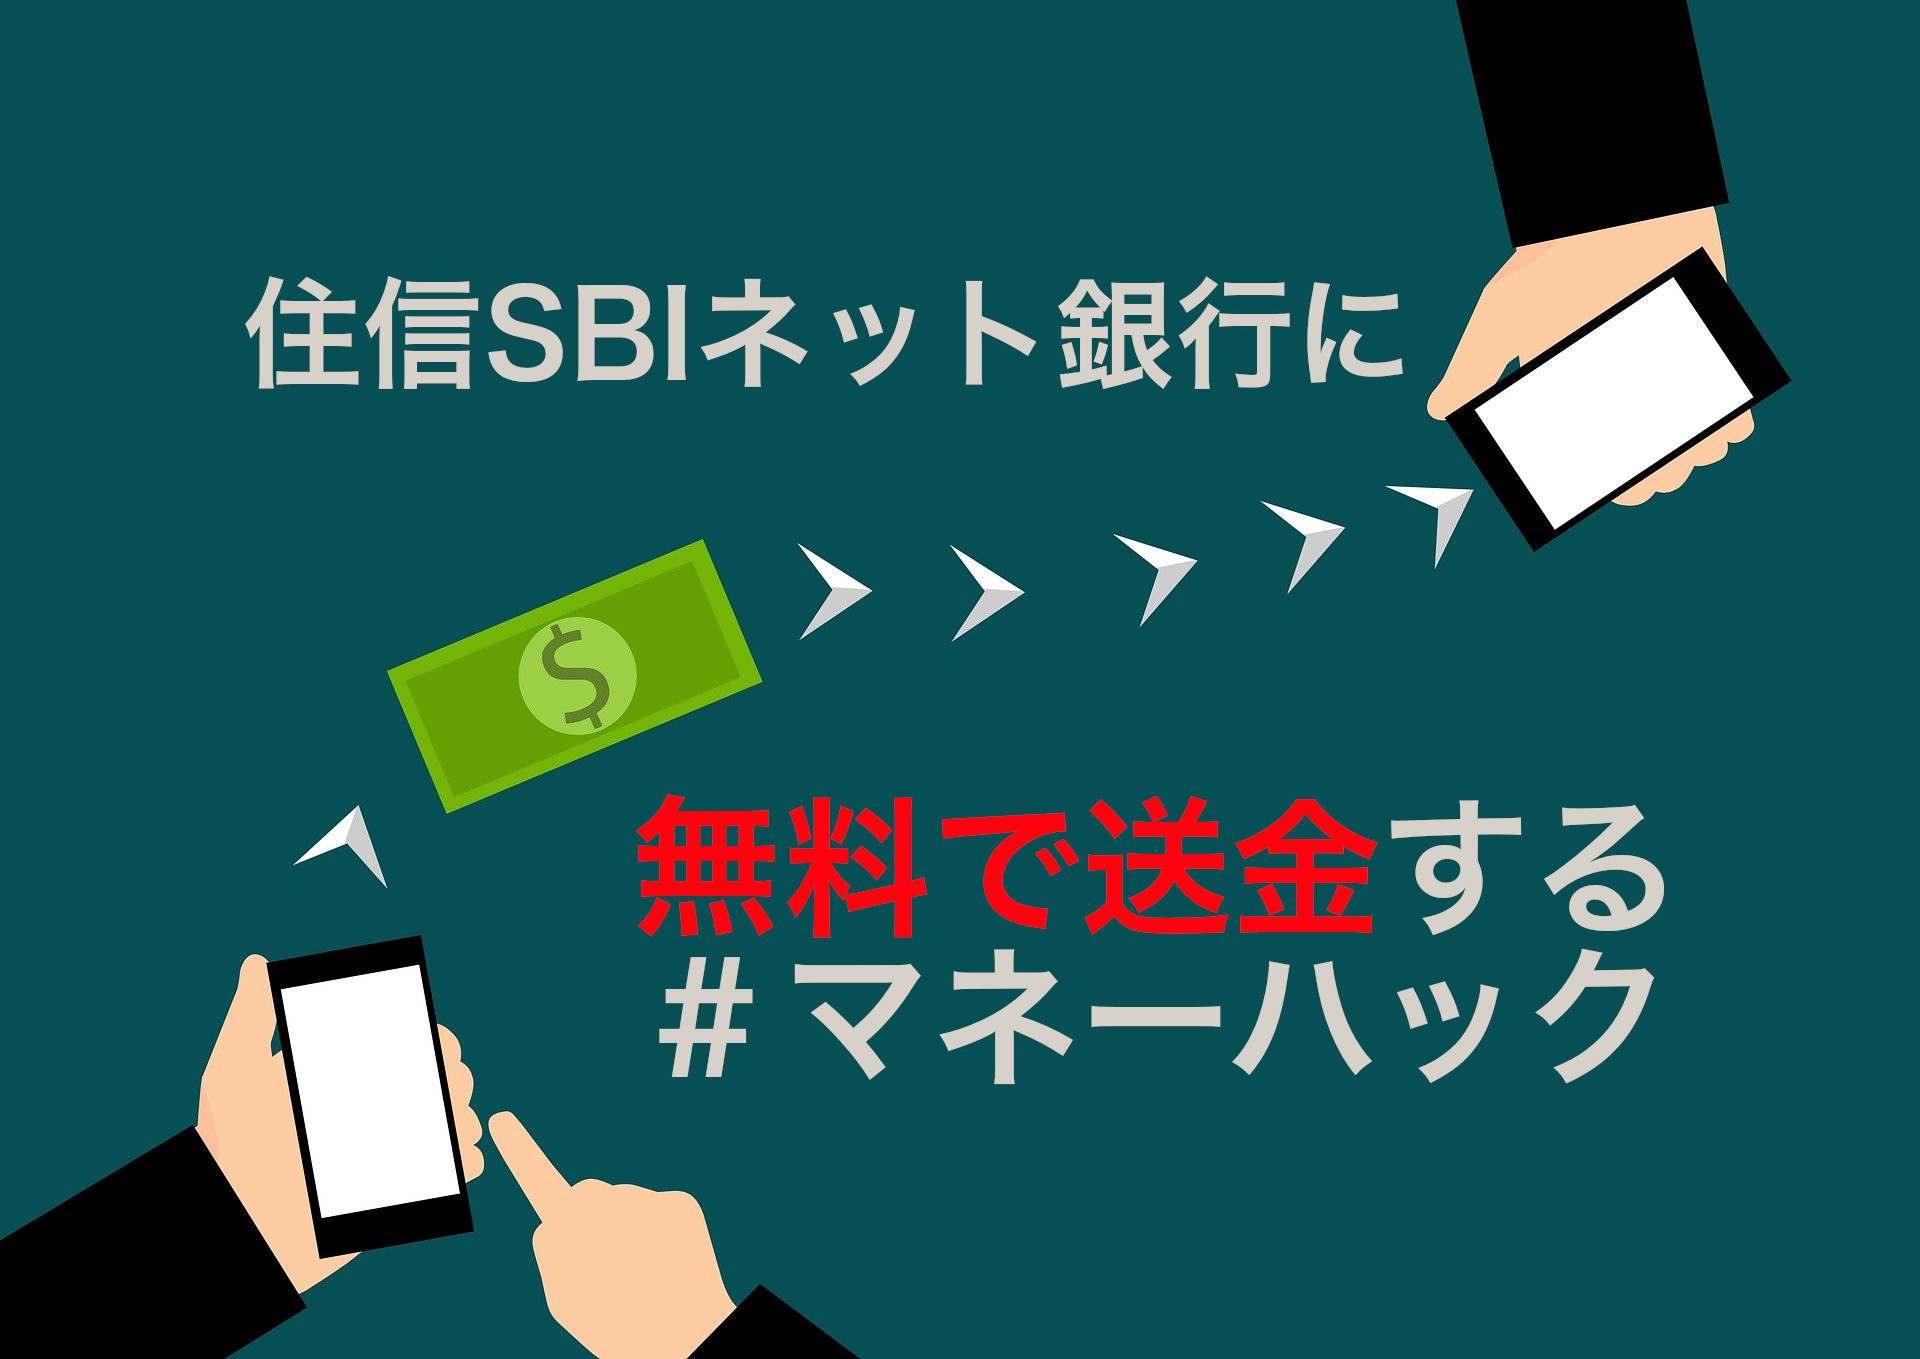 住信SBIネット銀行に無料で送金する方法【マネーハック】